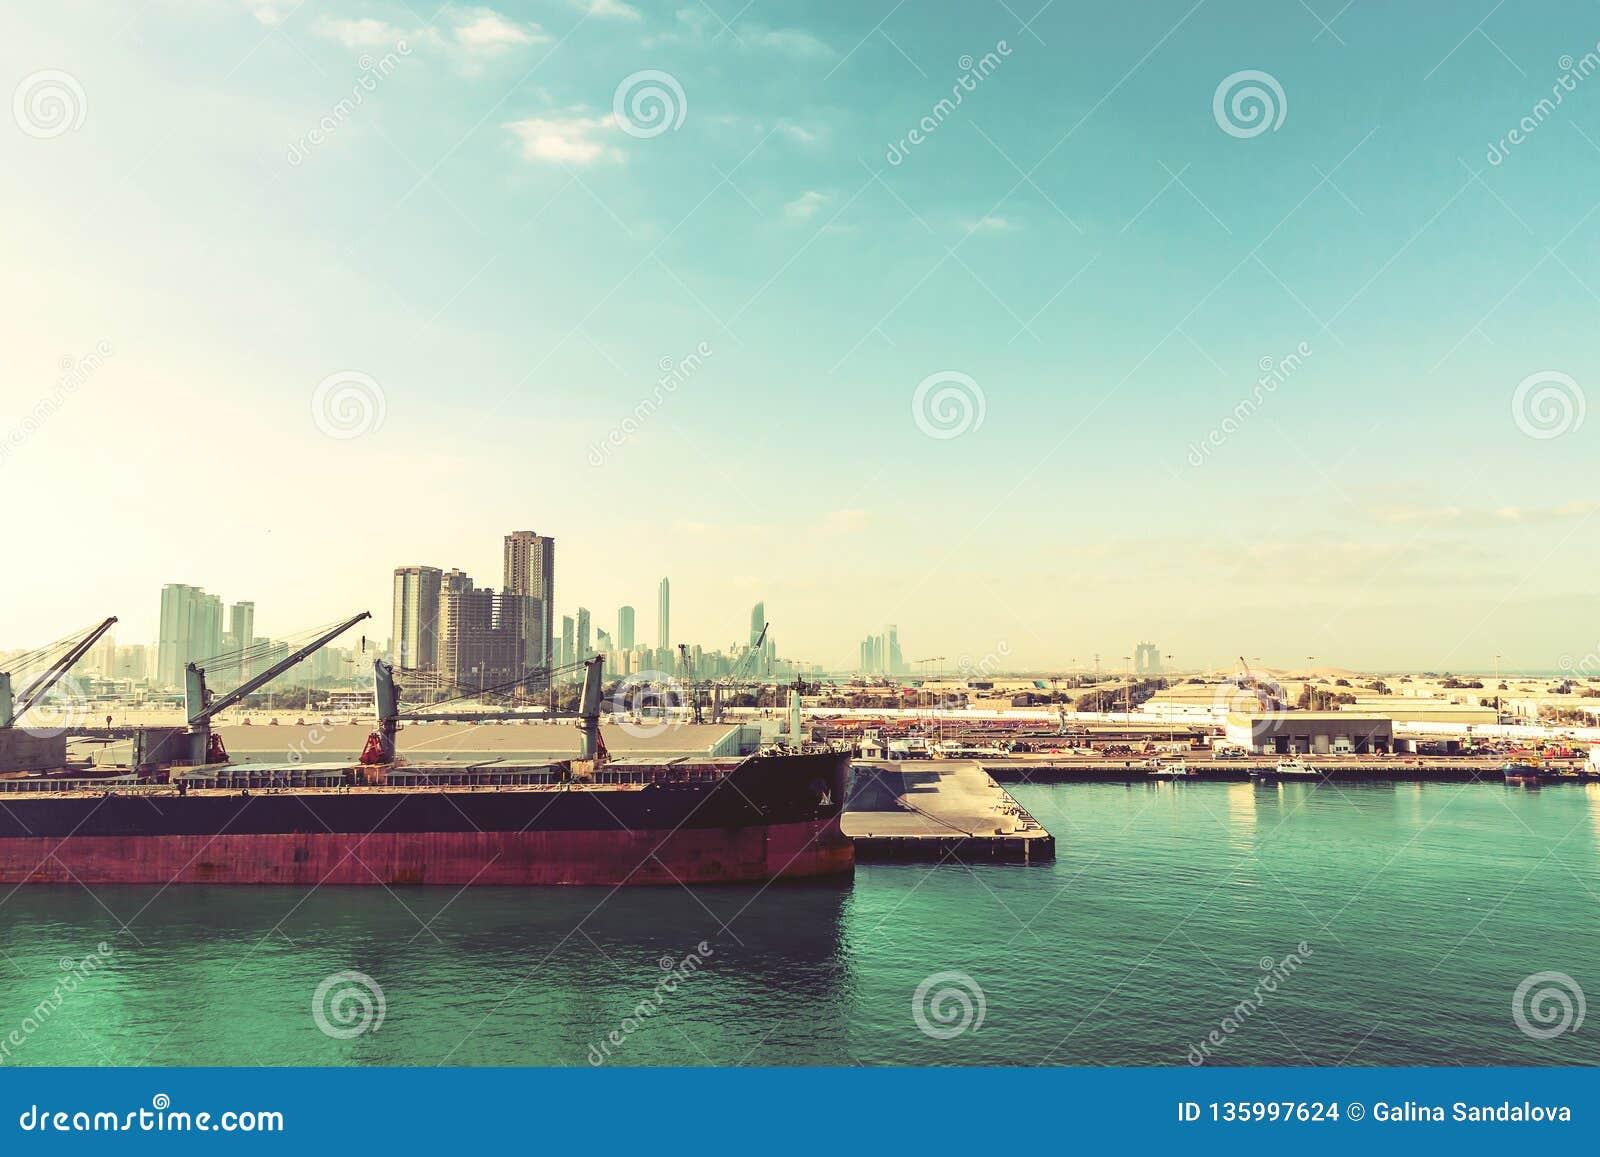 Abu Dhabi, Verenigde Arabische Emiraten - 13 December, 2018: Groot schip in ladingshaven